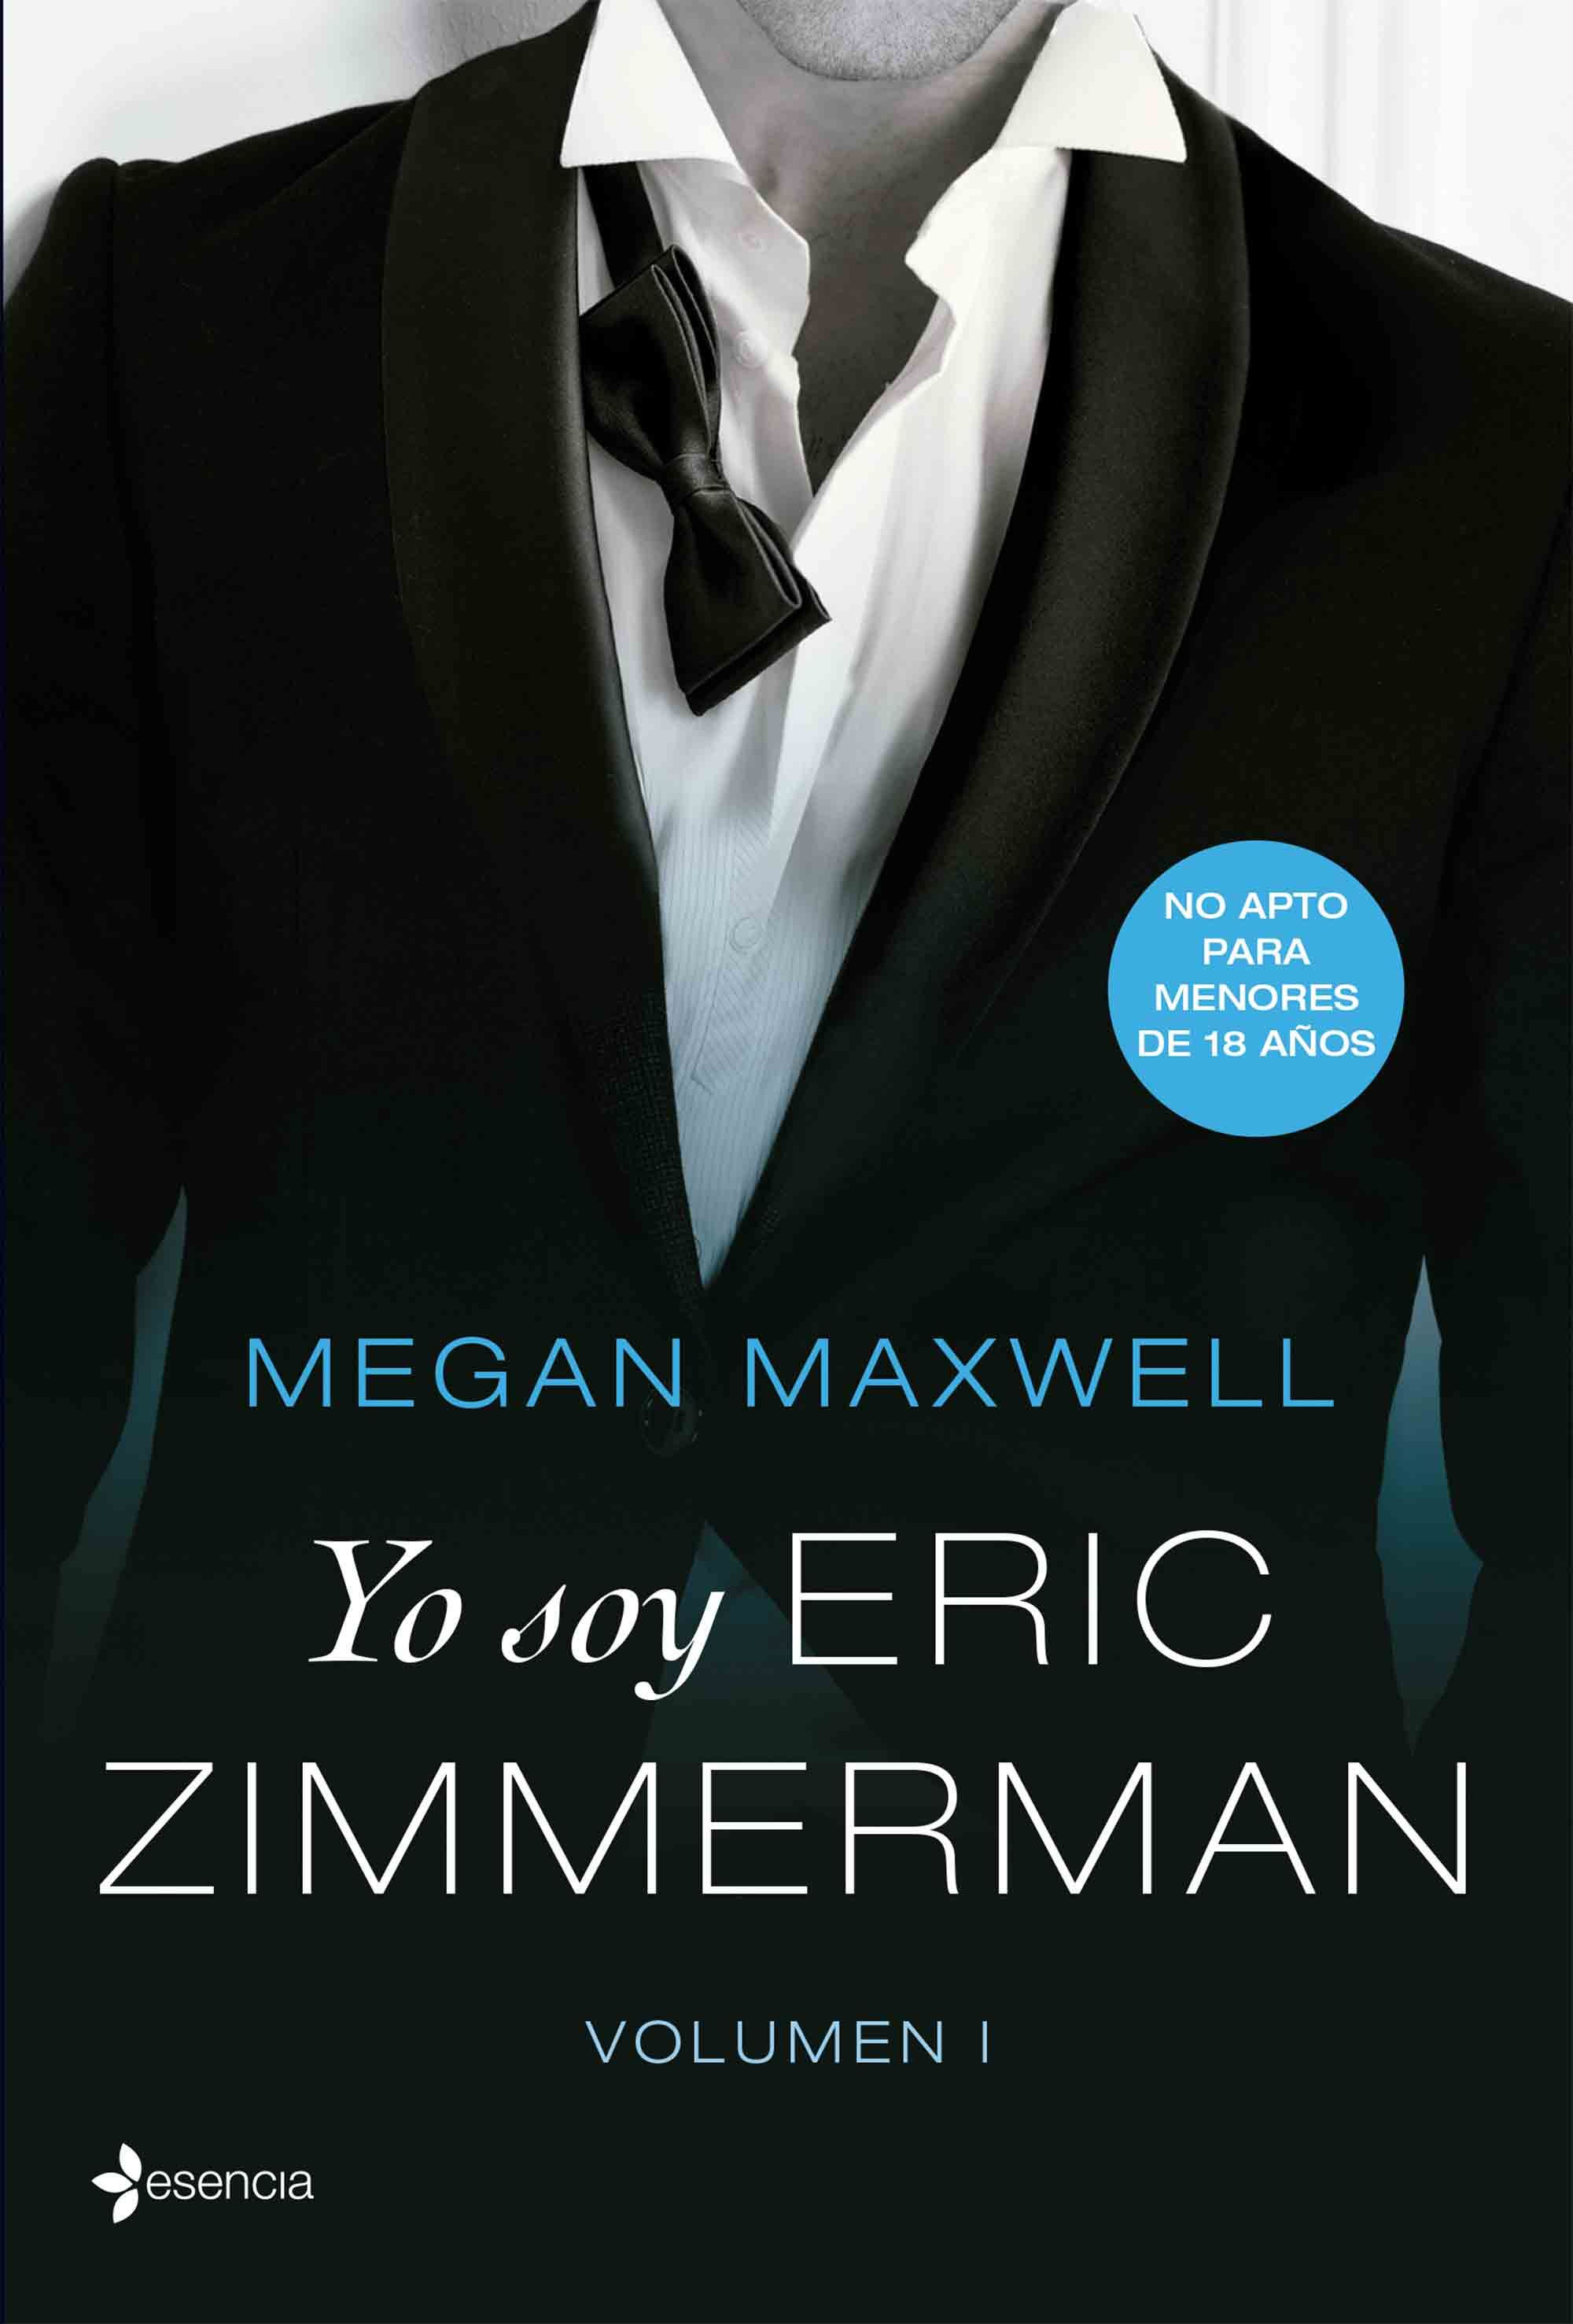 Yo soy Eric Zimmerman - Megan Maxwell - Esencia